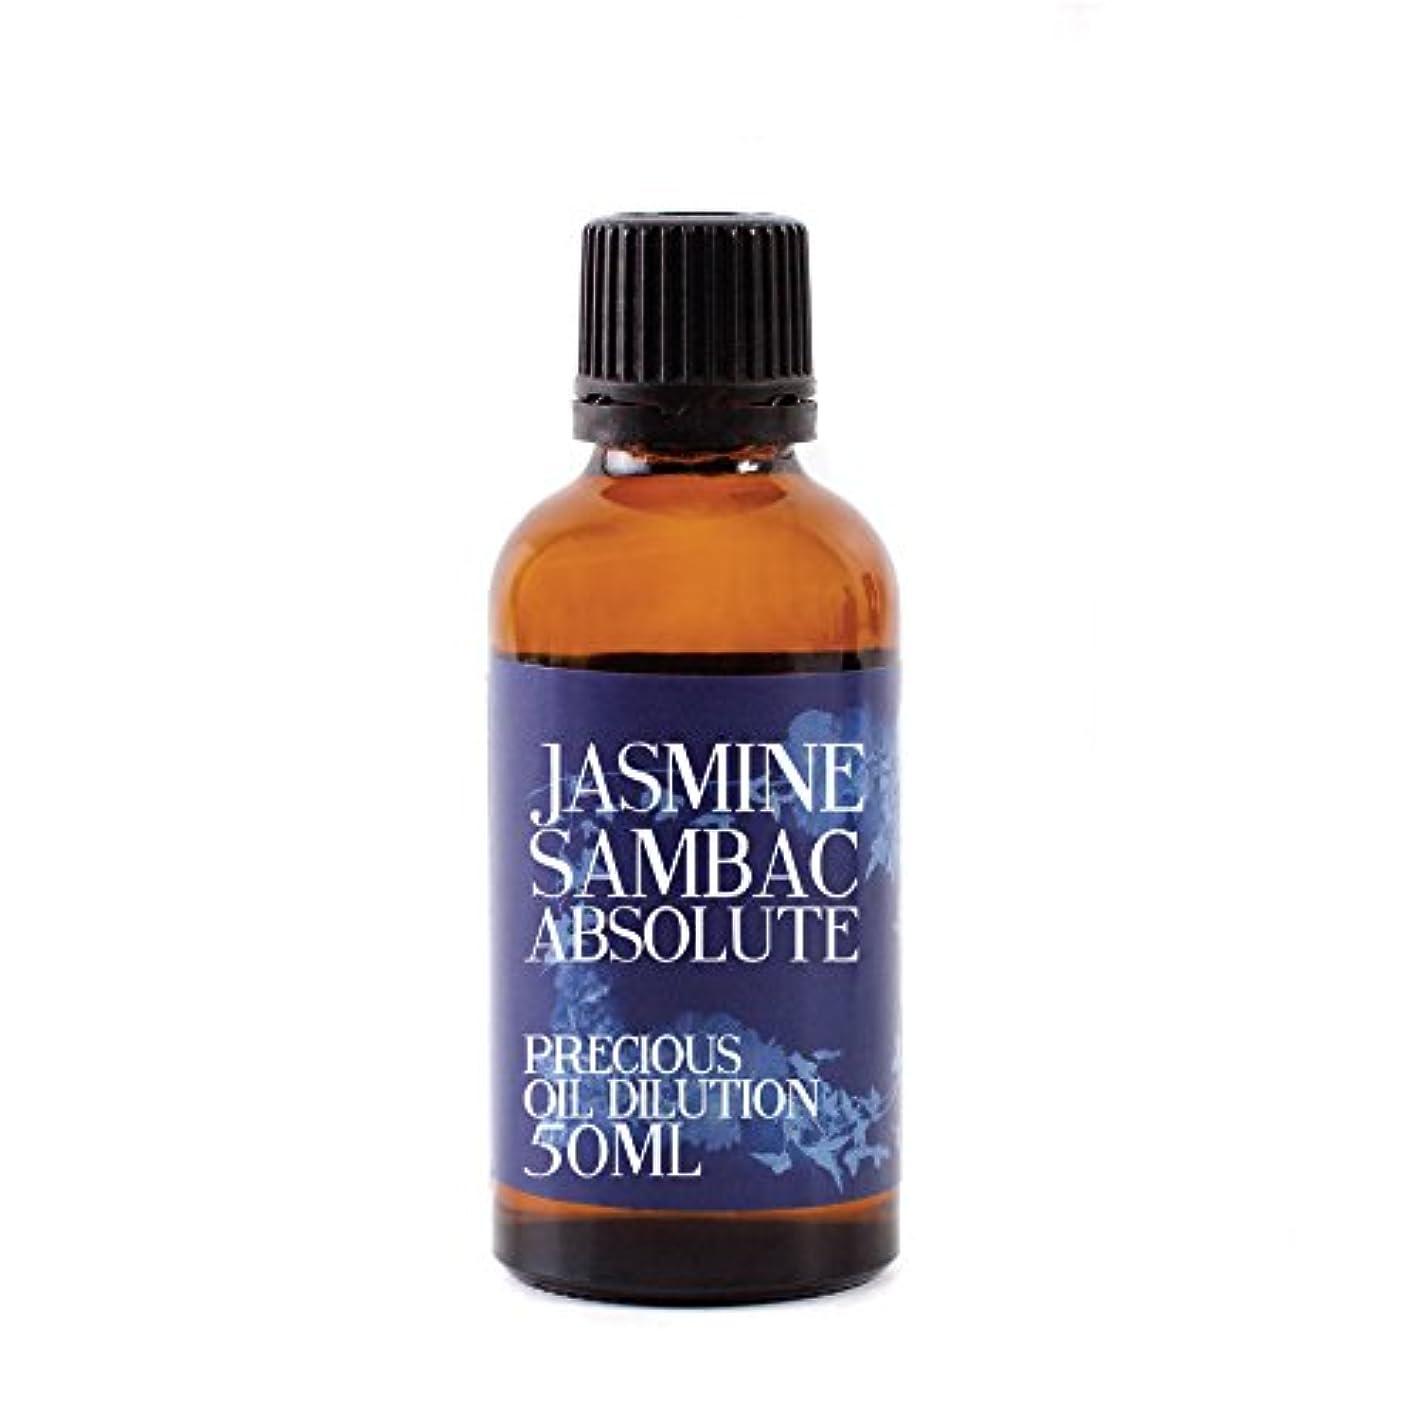 フォージ提供された町Jasmine Sambac Absolute Oil Dilution - 50ml - 3% Jojoba Blend